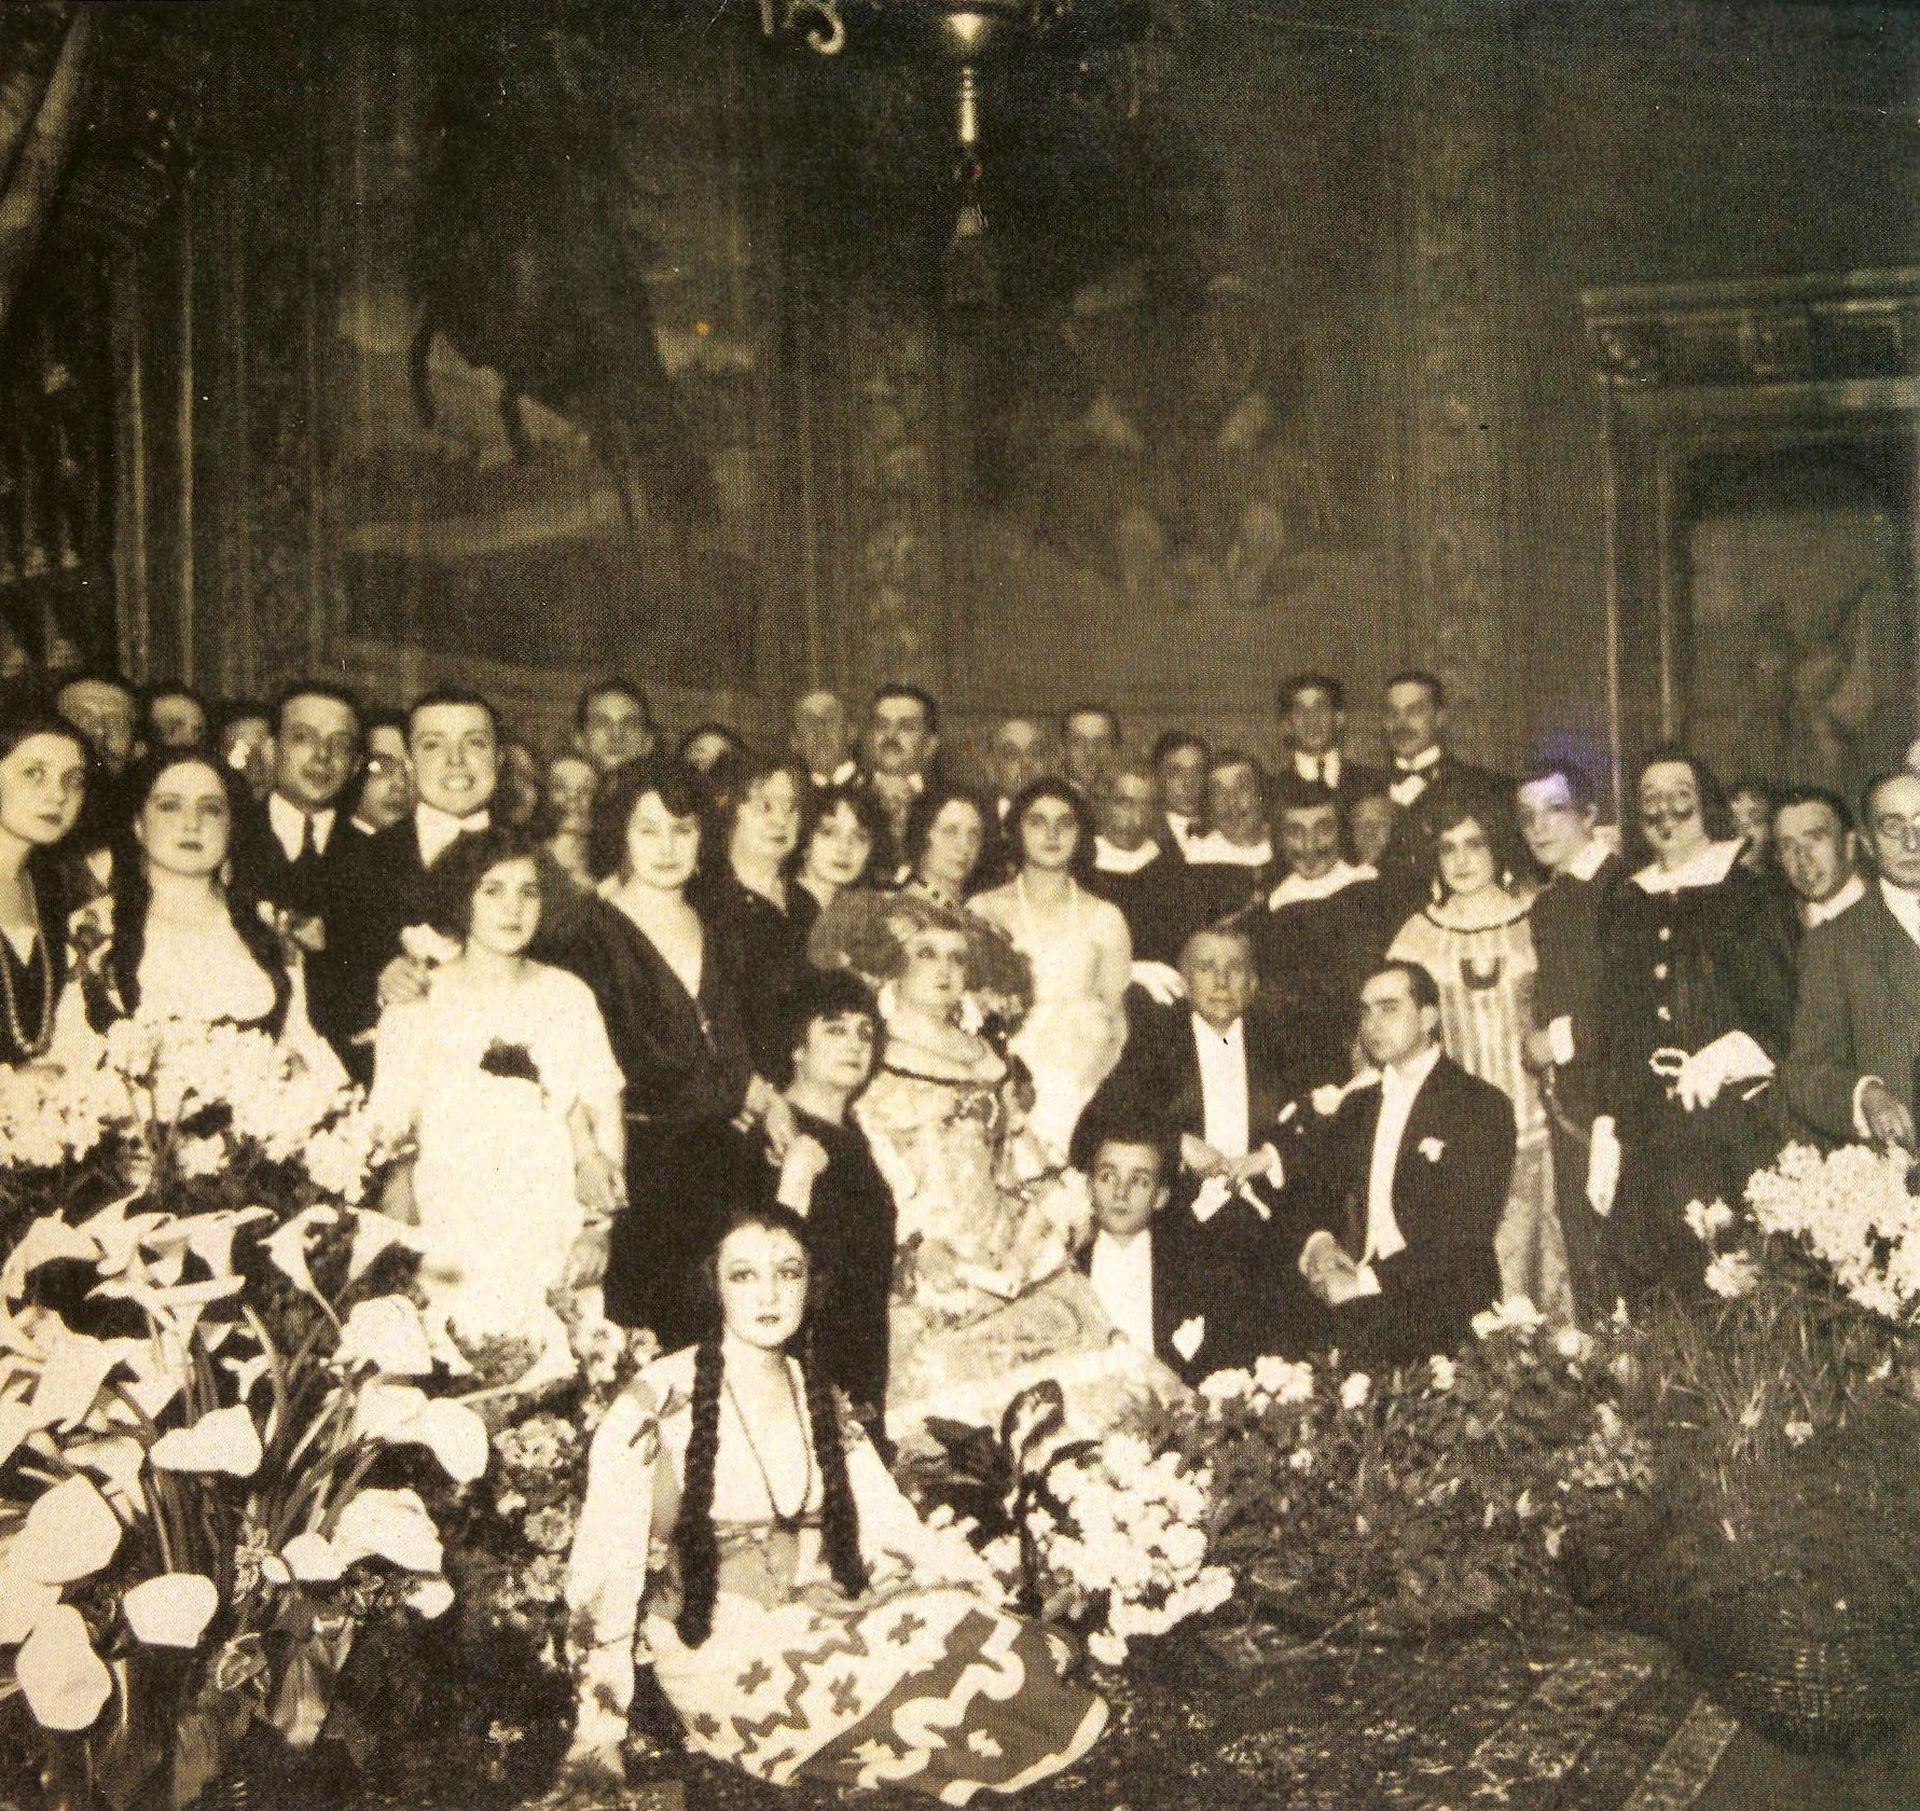 Kilómetro cero de esta historia: la compañía Guerrero-Díaz de Mendoza inaugura el teatro con La dama boba, de Lope de Vega; la tarde anterior se había realizado un baile en la sala principal que lleva el nombre de María Guerrero